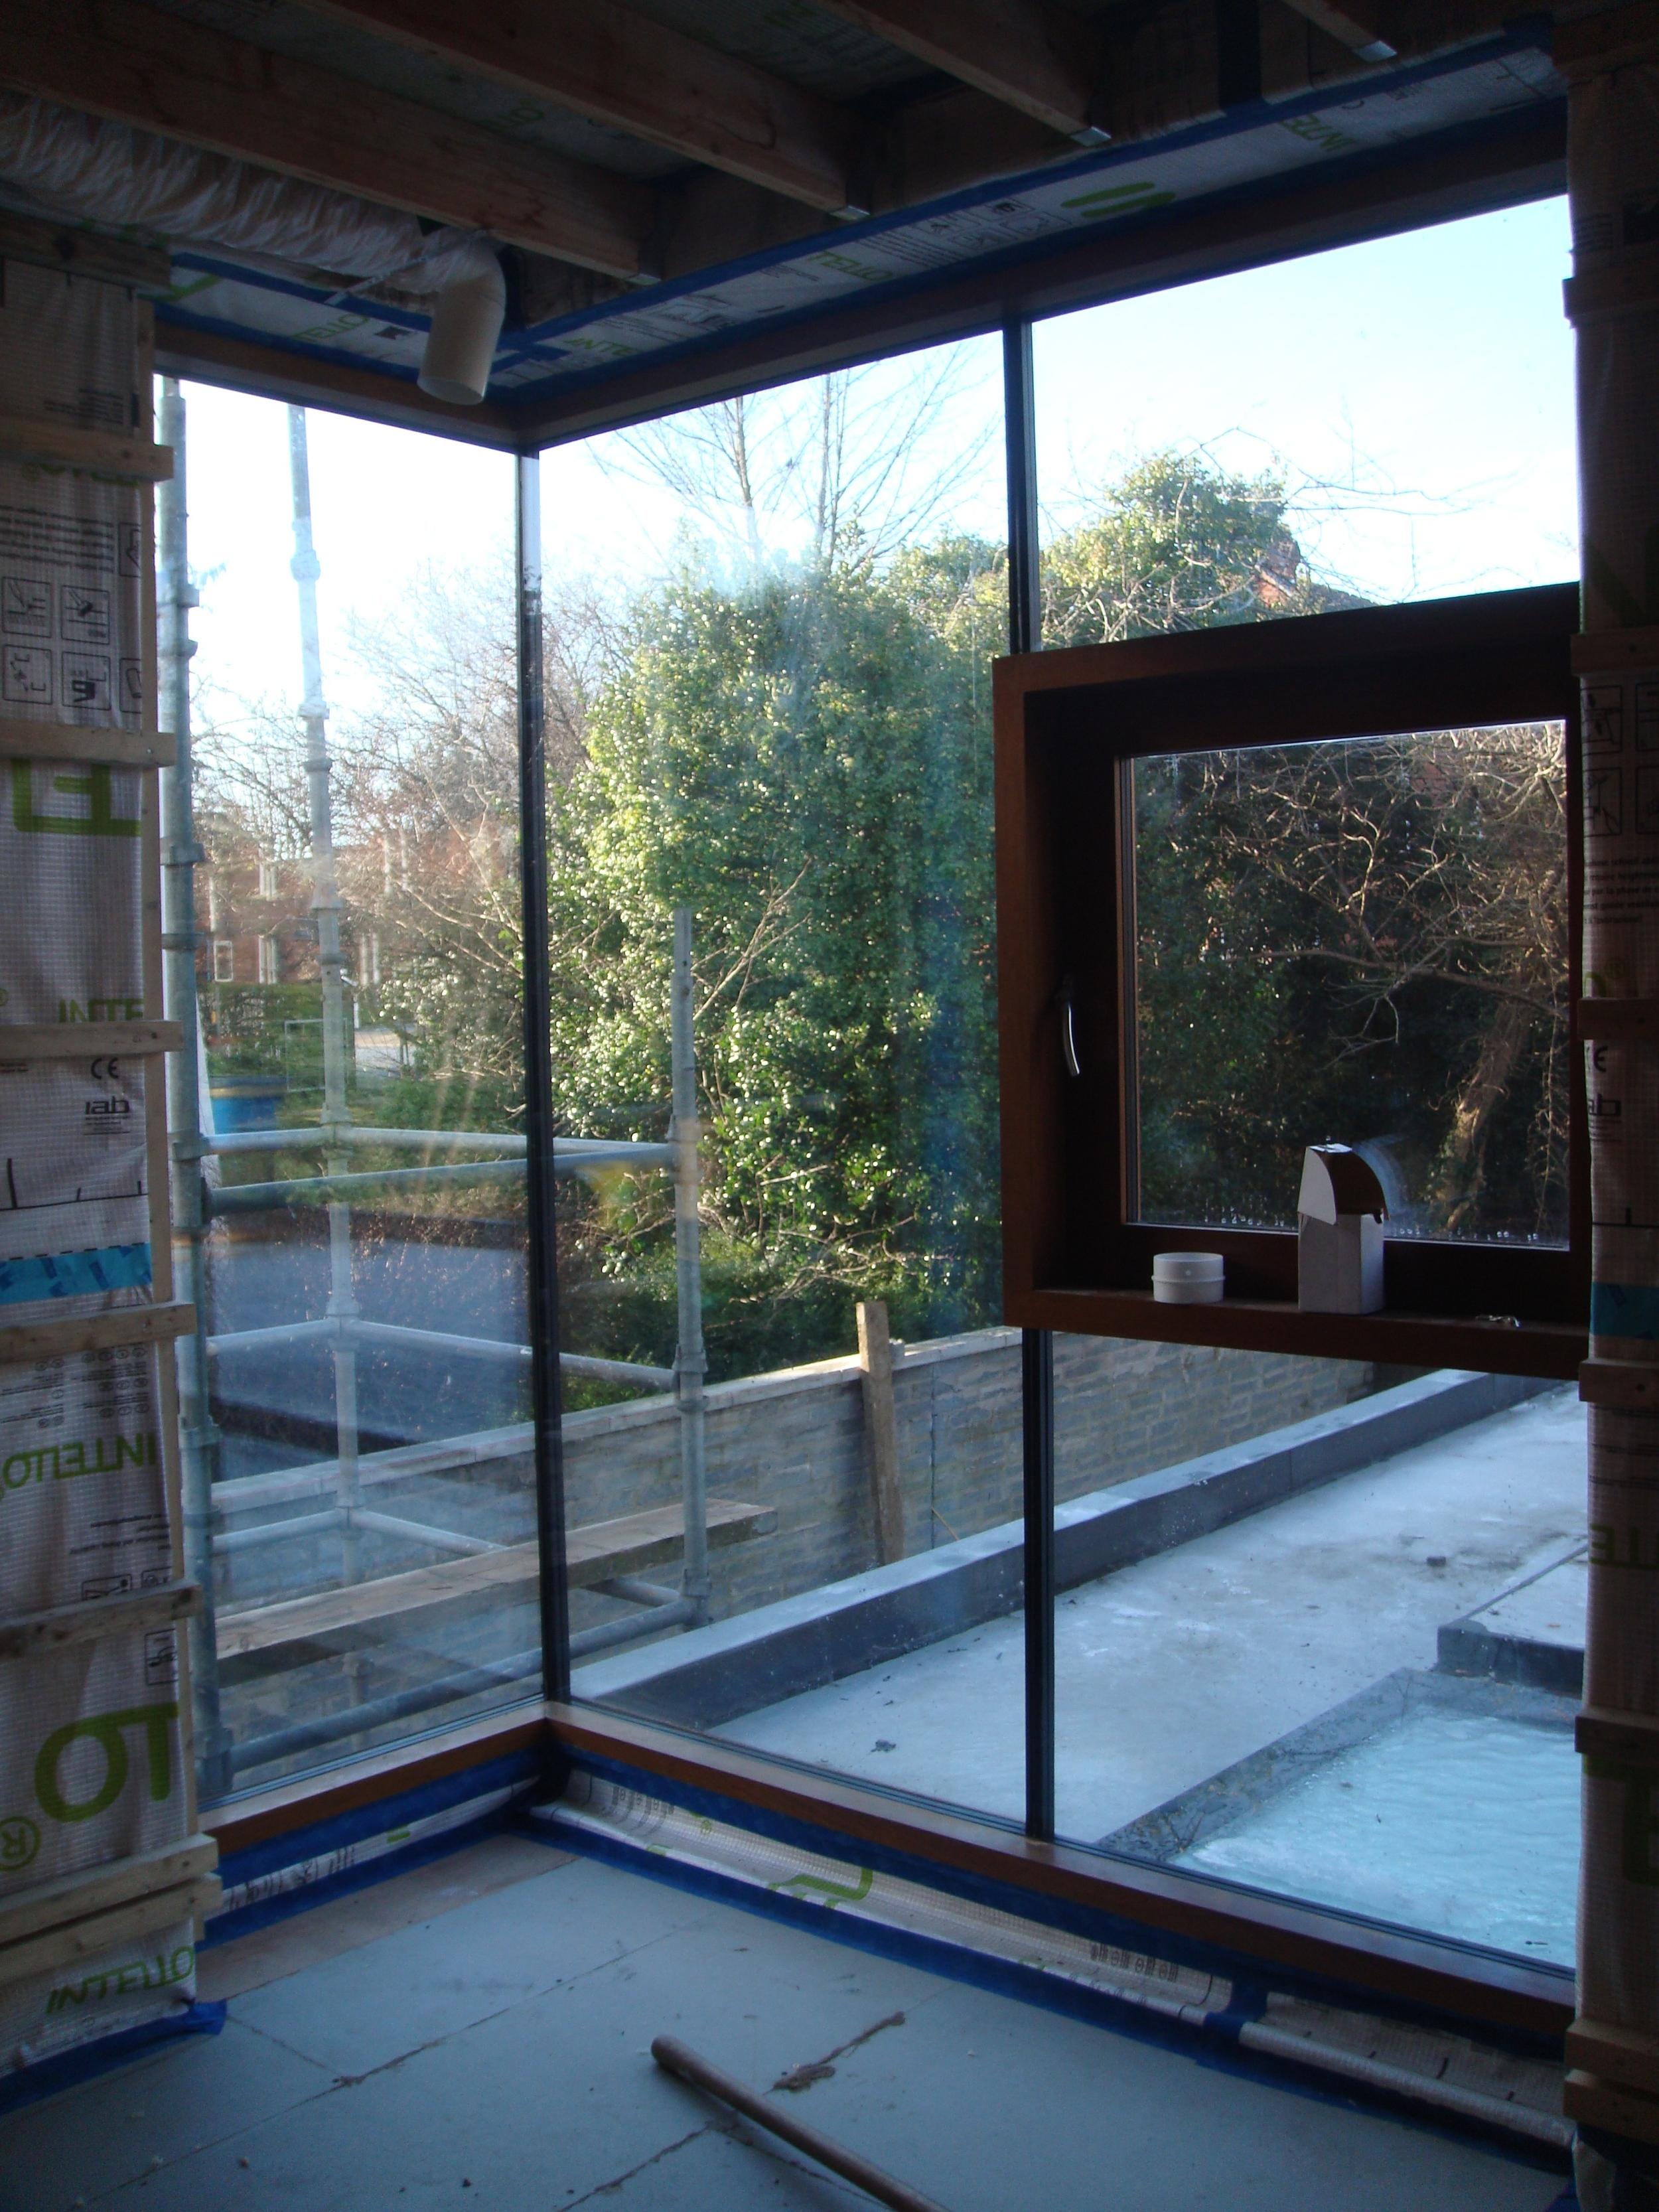 frameless glazed corner window